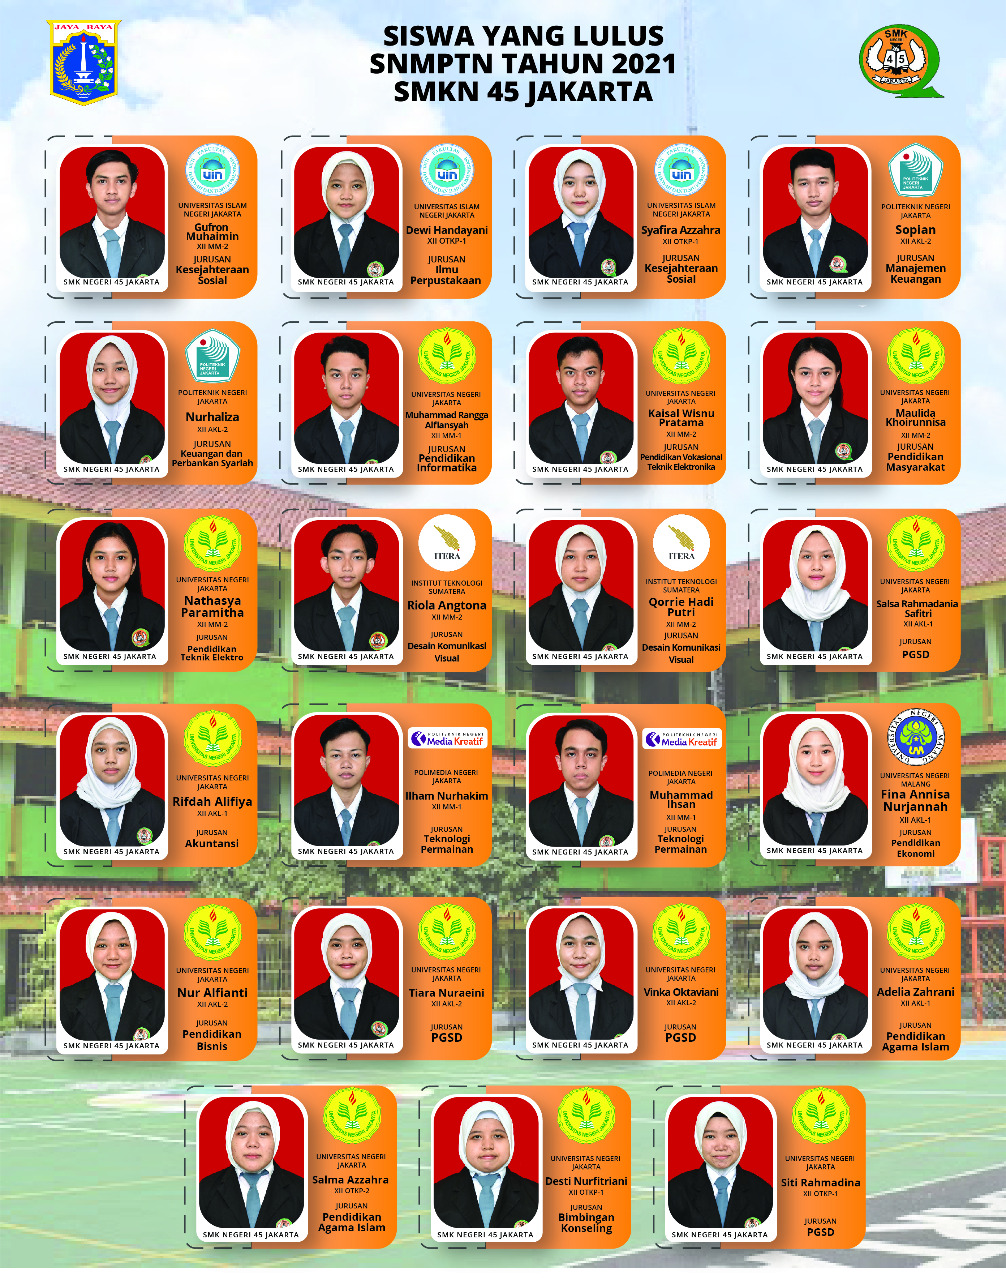 Daftar siswa yang masuk PTN melalui jalur SNMPTN, SNMPN, SPAN-PTKIN, SBMPTN Tahun 2021